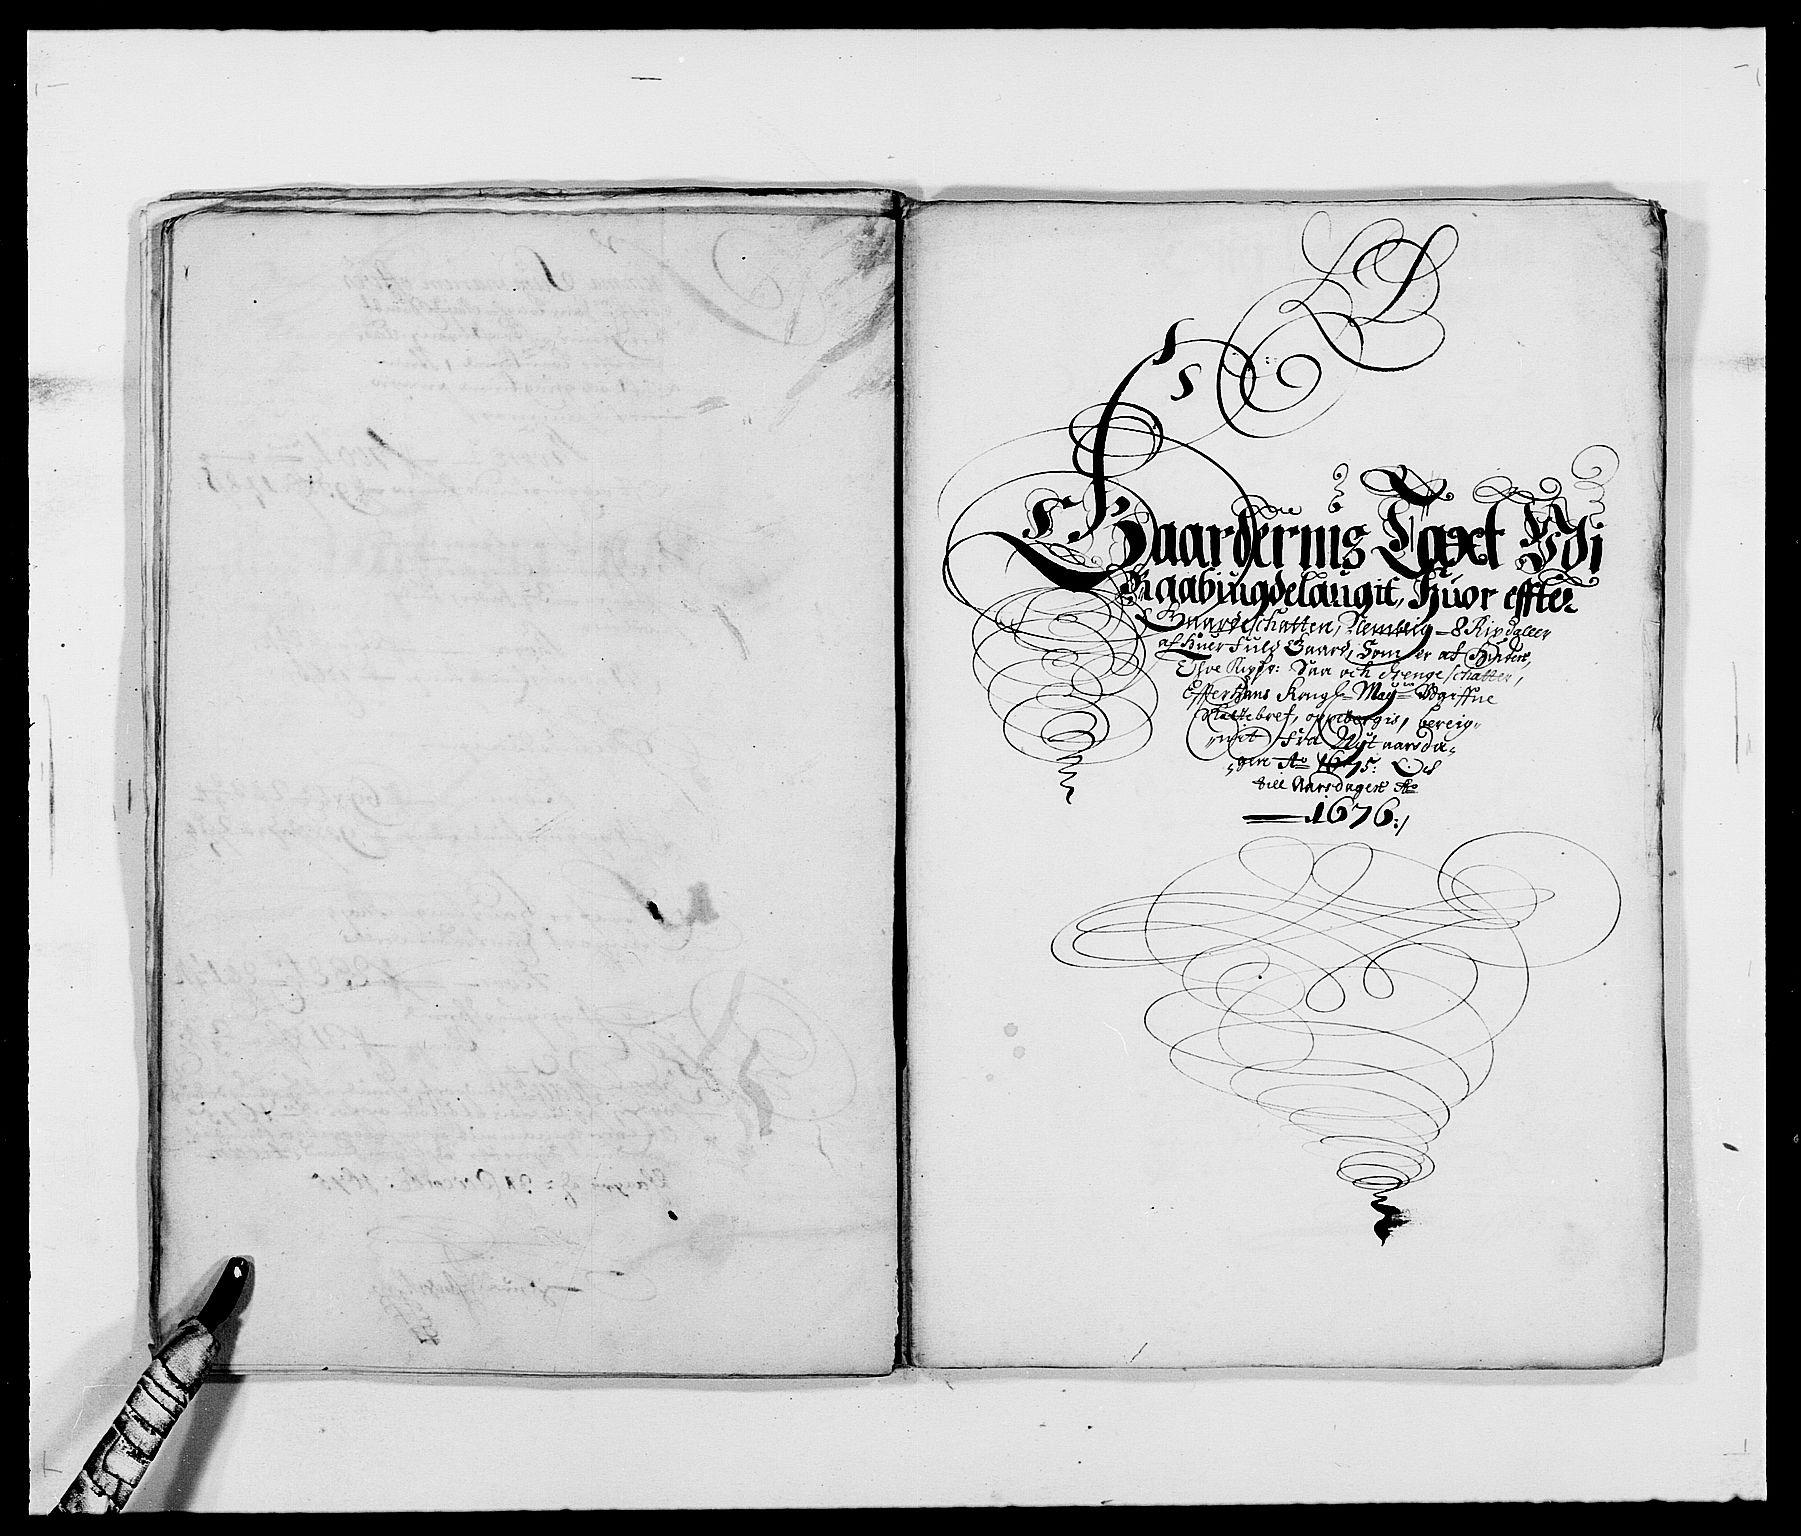 RA, Rentekammeret inntil 1814, Reviderte regnskaper, Fogderegnskap, R40/L2434: Fogderegnskap Råbyggelag, 1675-1676, s. 29